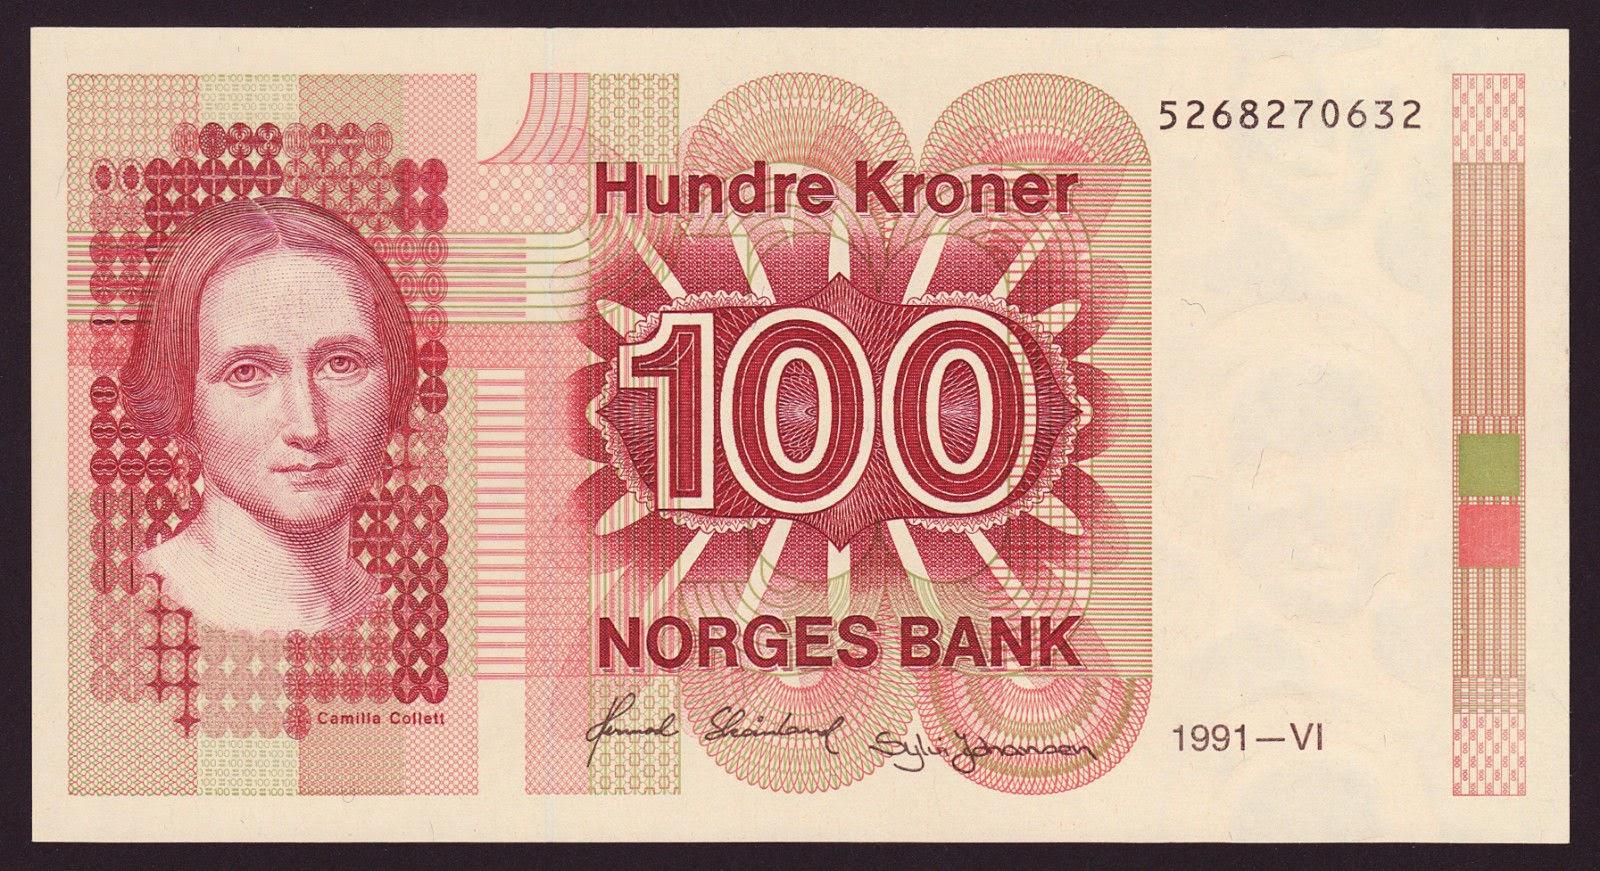 Norway Banknotes 100 Kroner Banknote 1991 Camilla Collett